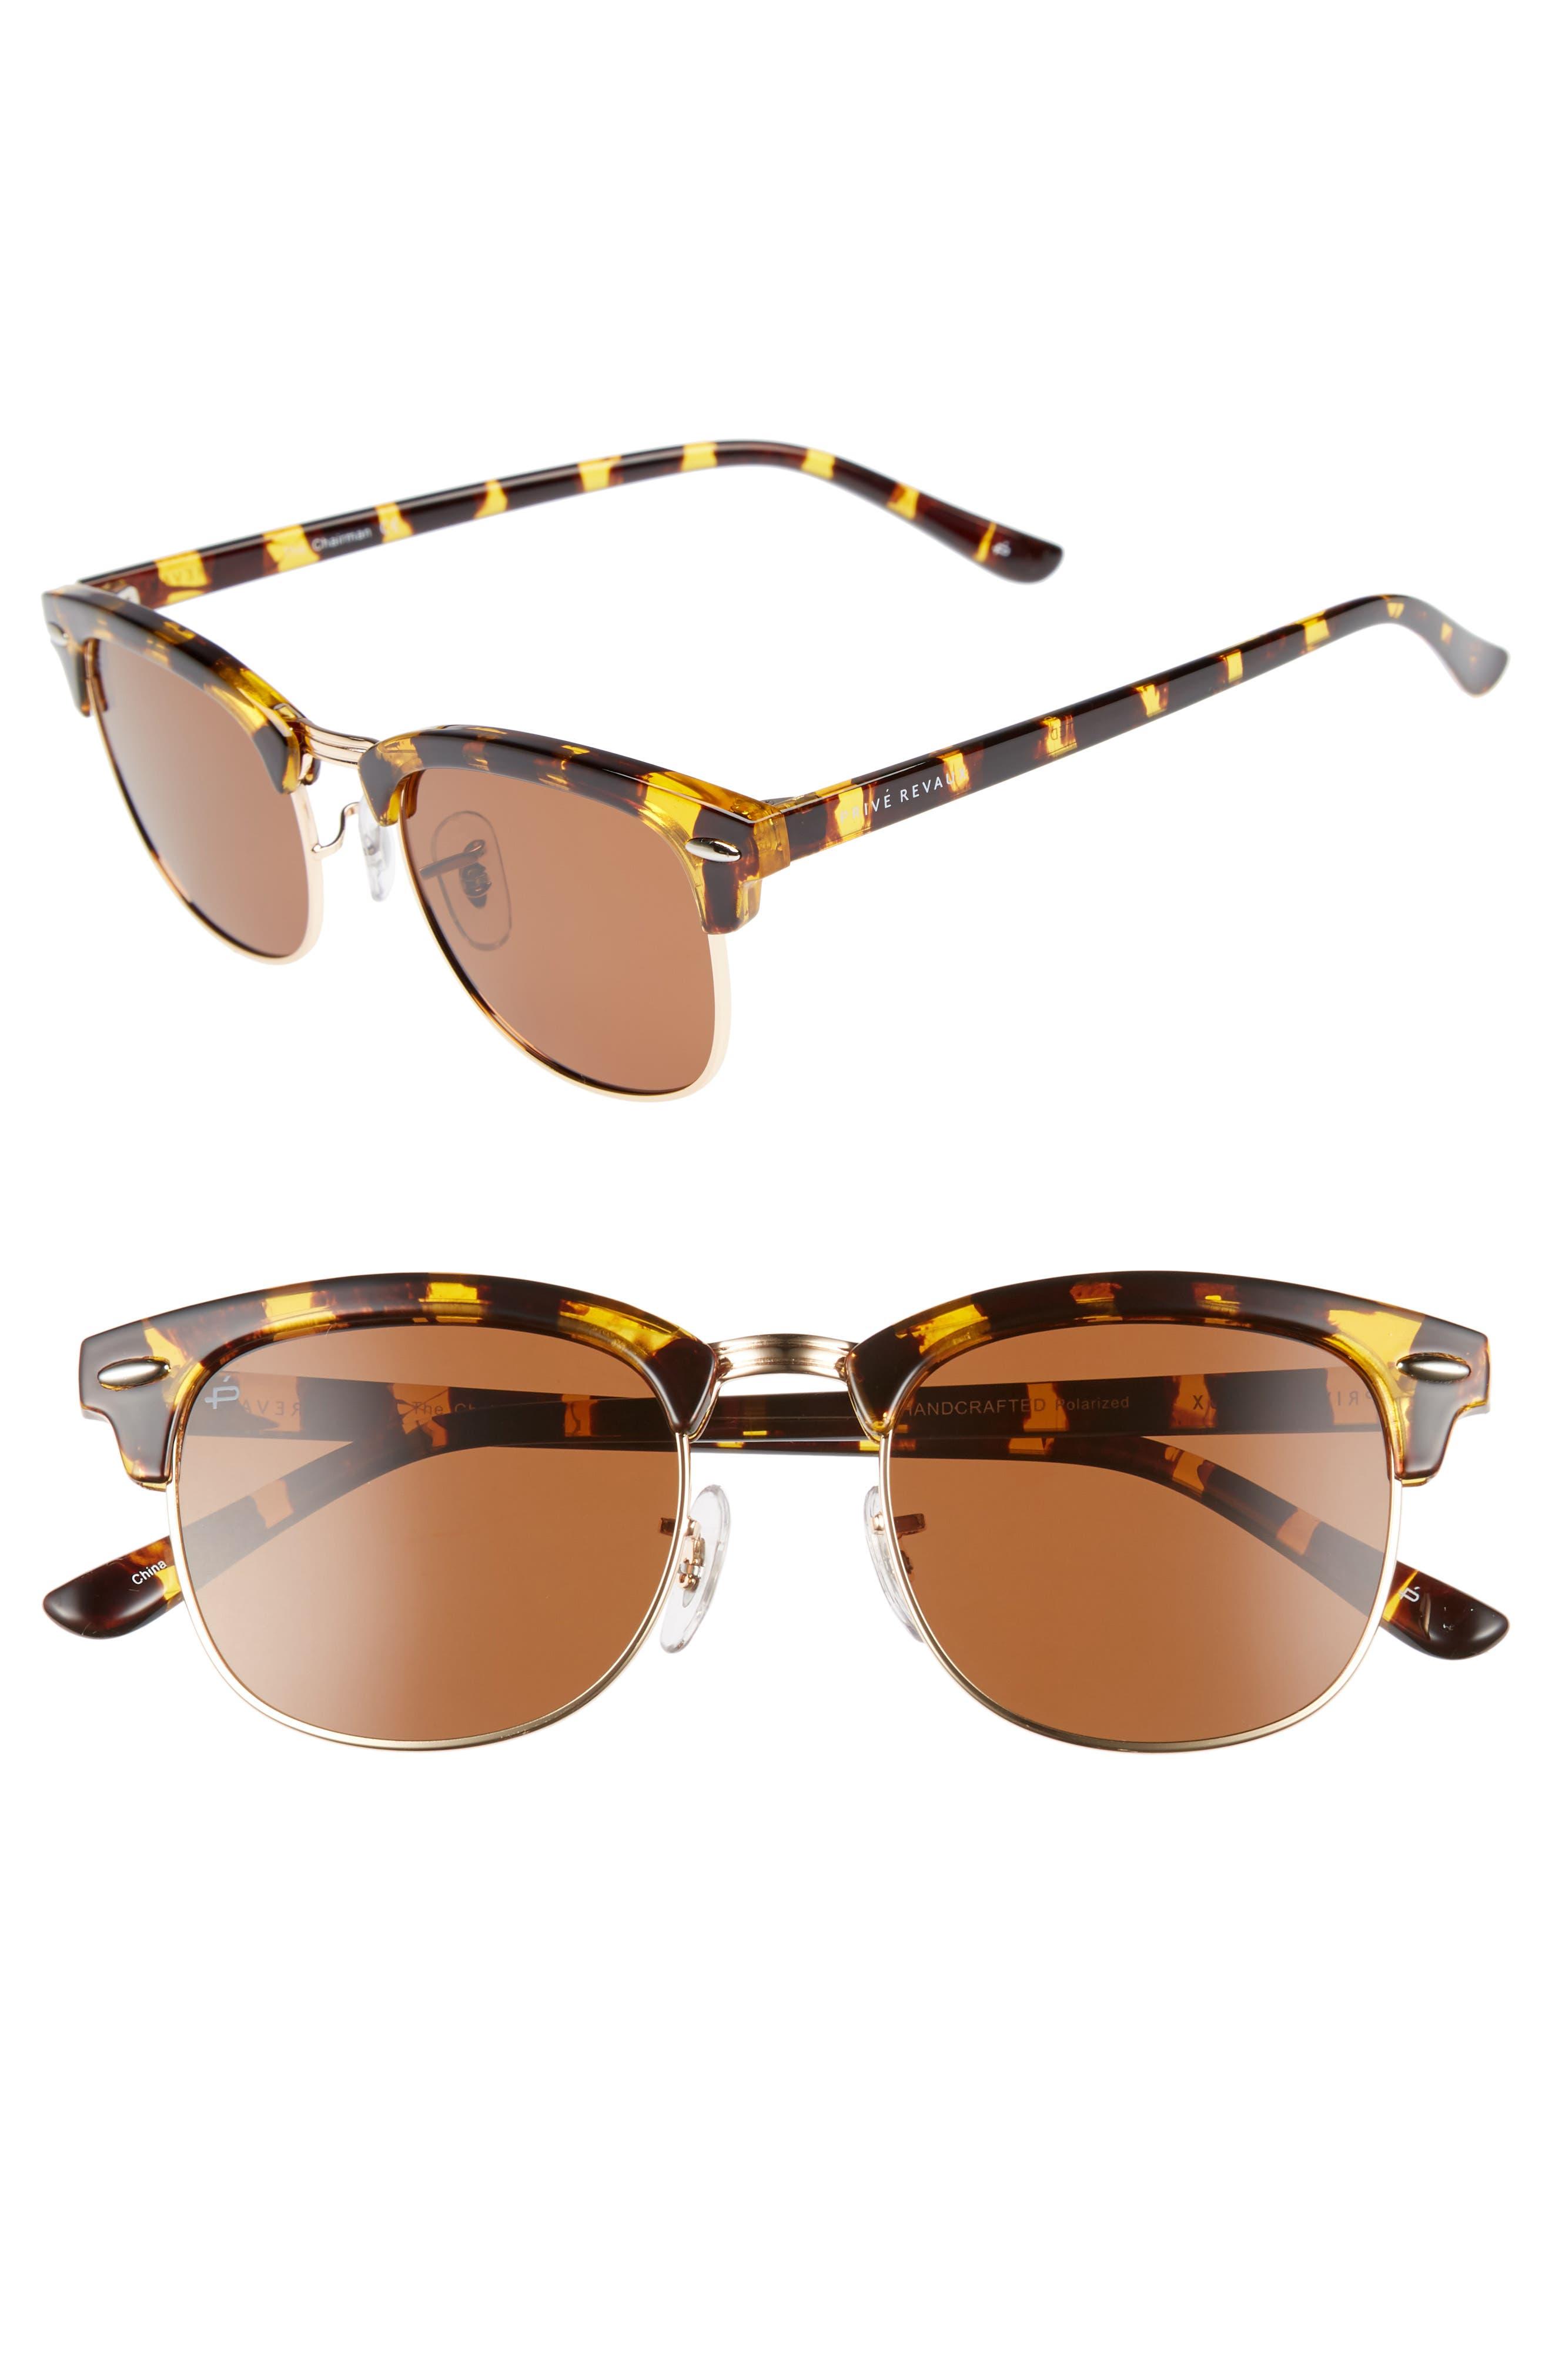 Privé Revaux The Chairman 52mm Polarized Browline Sunglasses,                             Main thumbnail 1, color,                             Tortoise